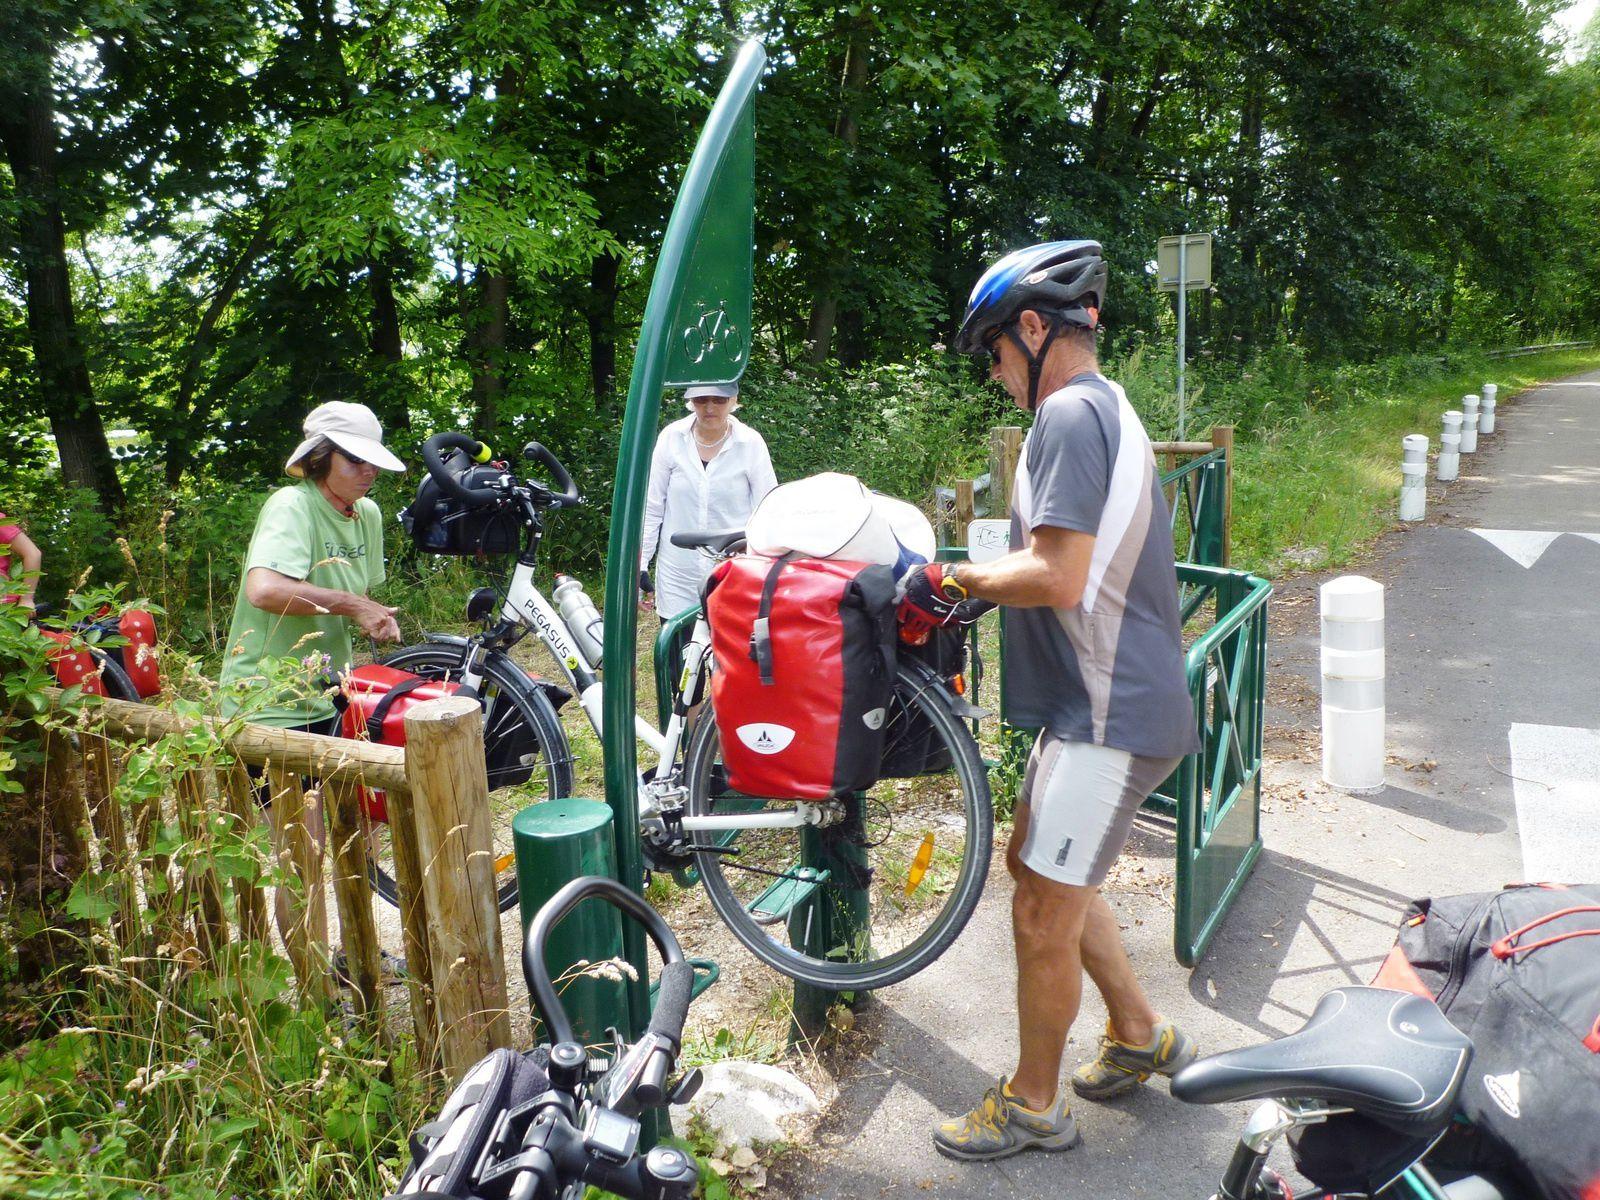 A Rovaltain: De nouvelles barrières pour encourager le vélo!